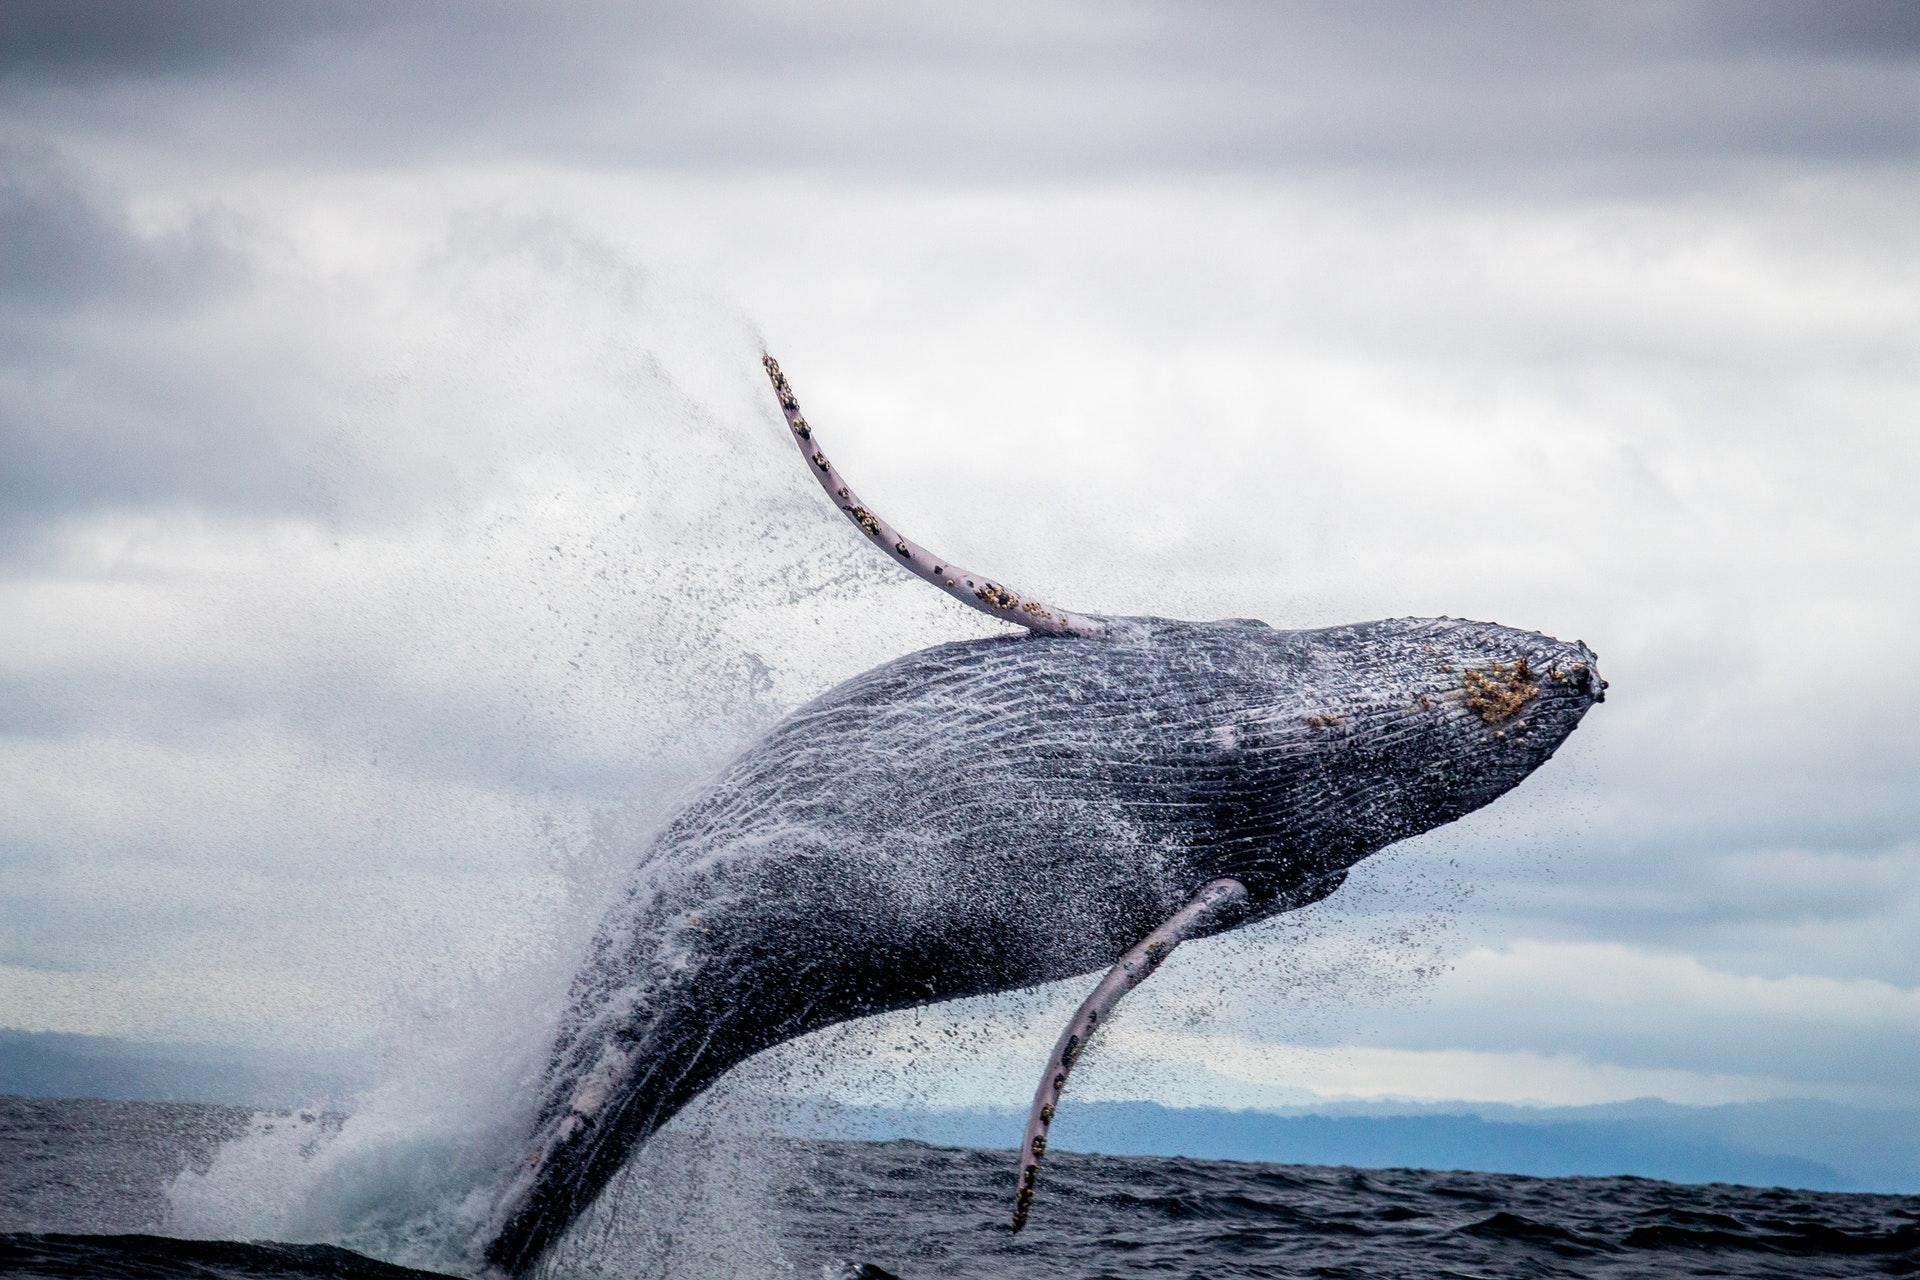 download wallpaper: een springende walvis wallpaper